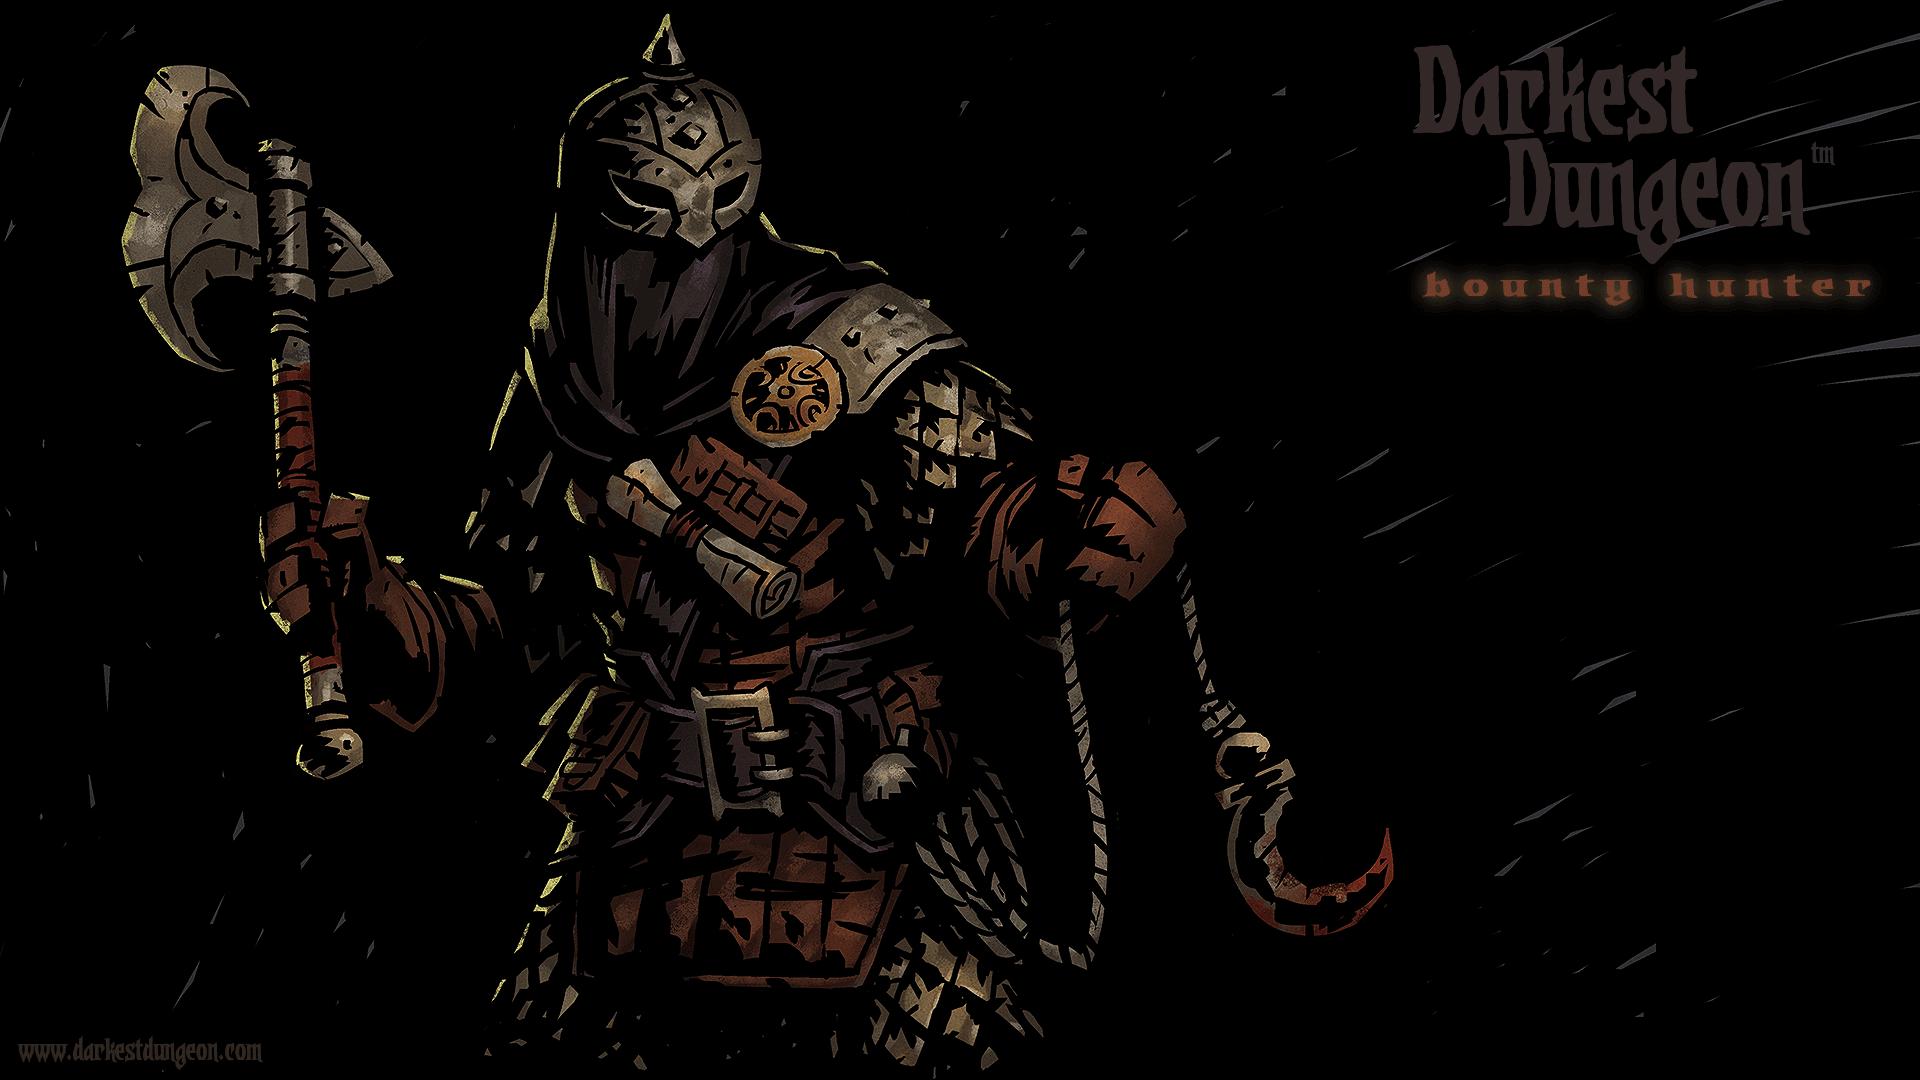 Darkest Dungeon Bounty Hunter